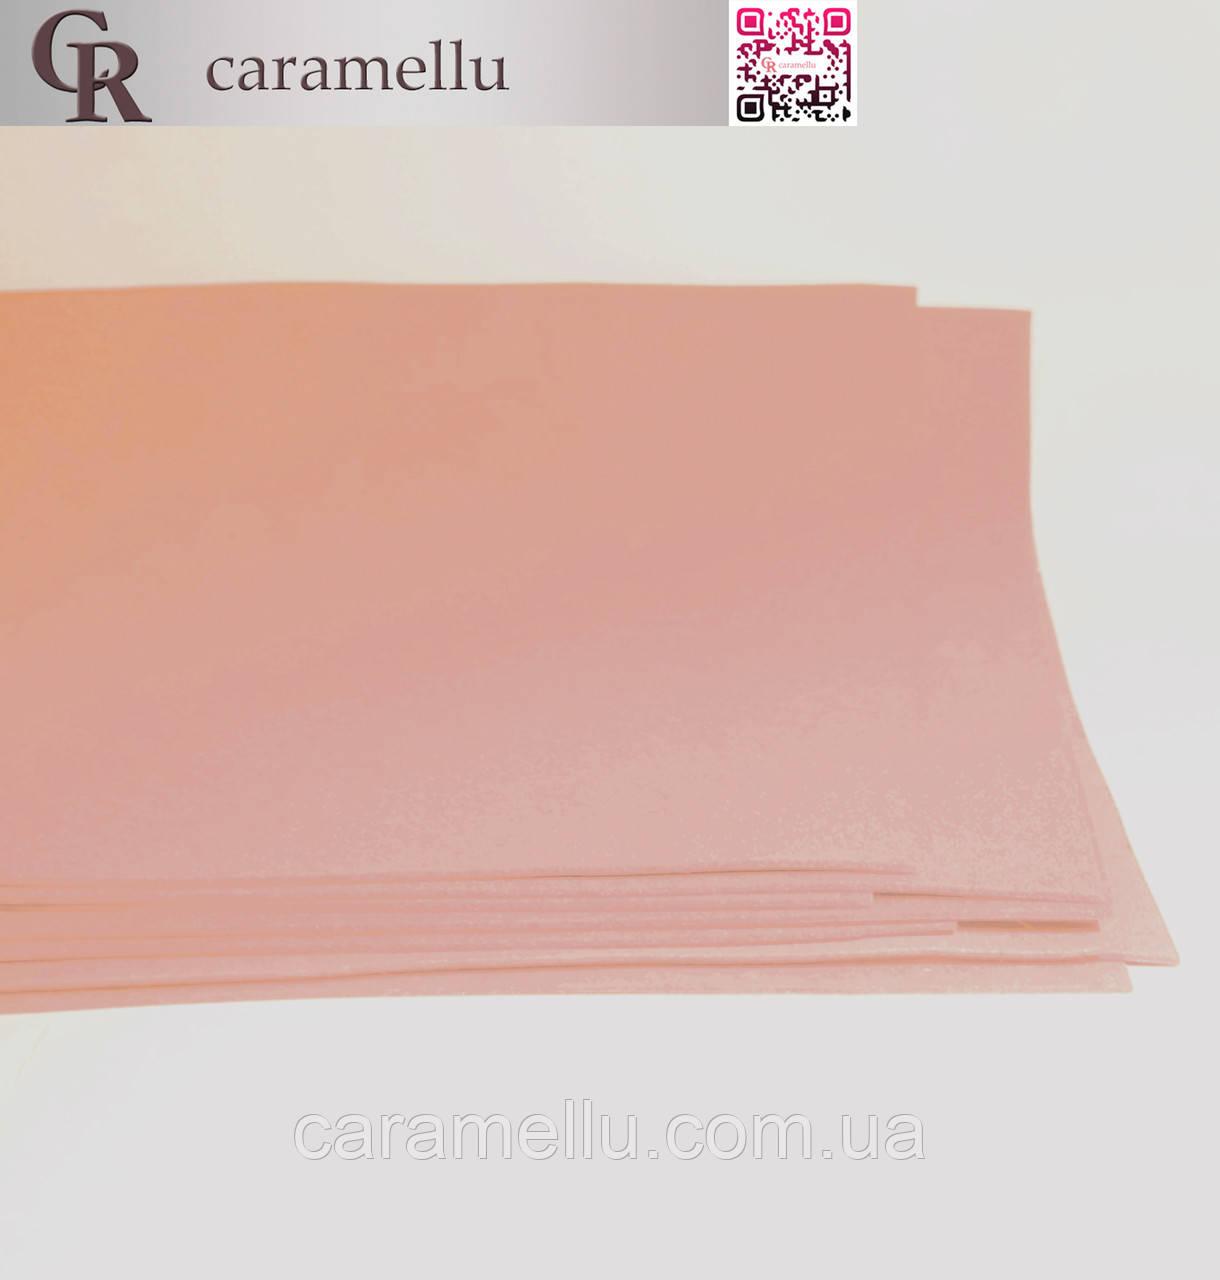 Фоамиран иранский 143, Темно-лососевый, 1мм, 20х30см А4